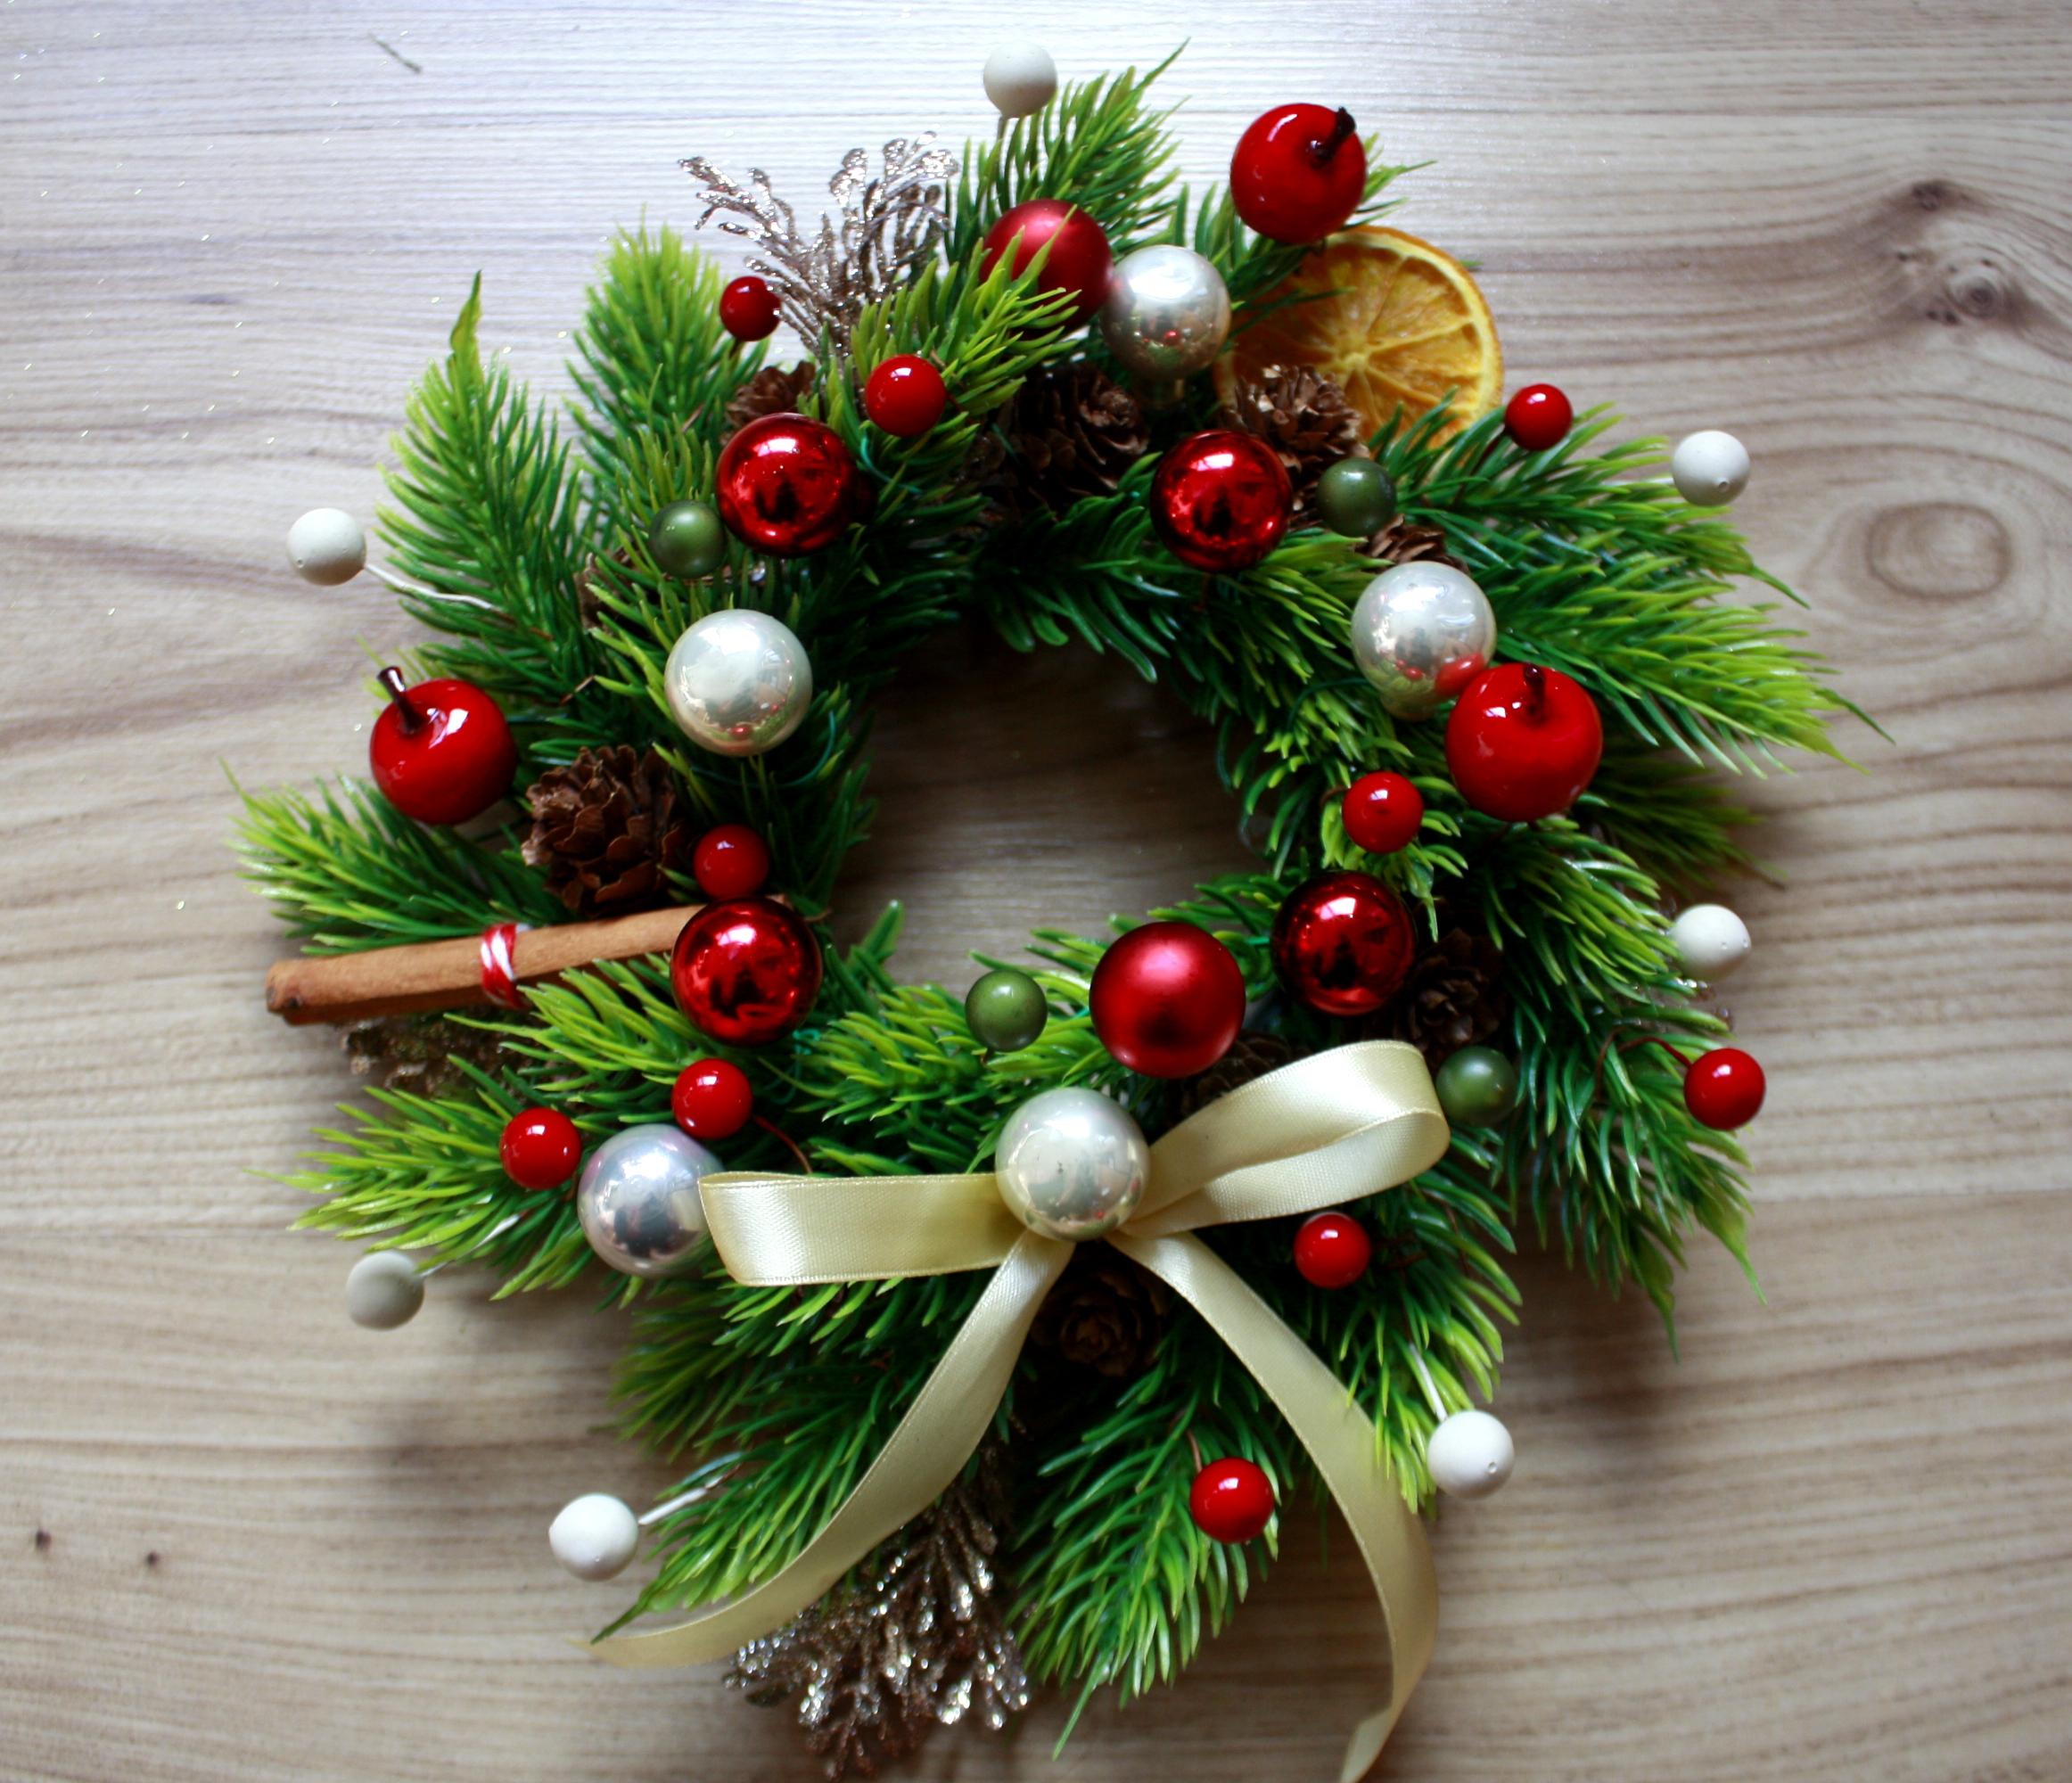 wianek świąteczny na drzwi zewnętrzne